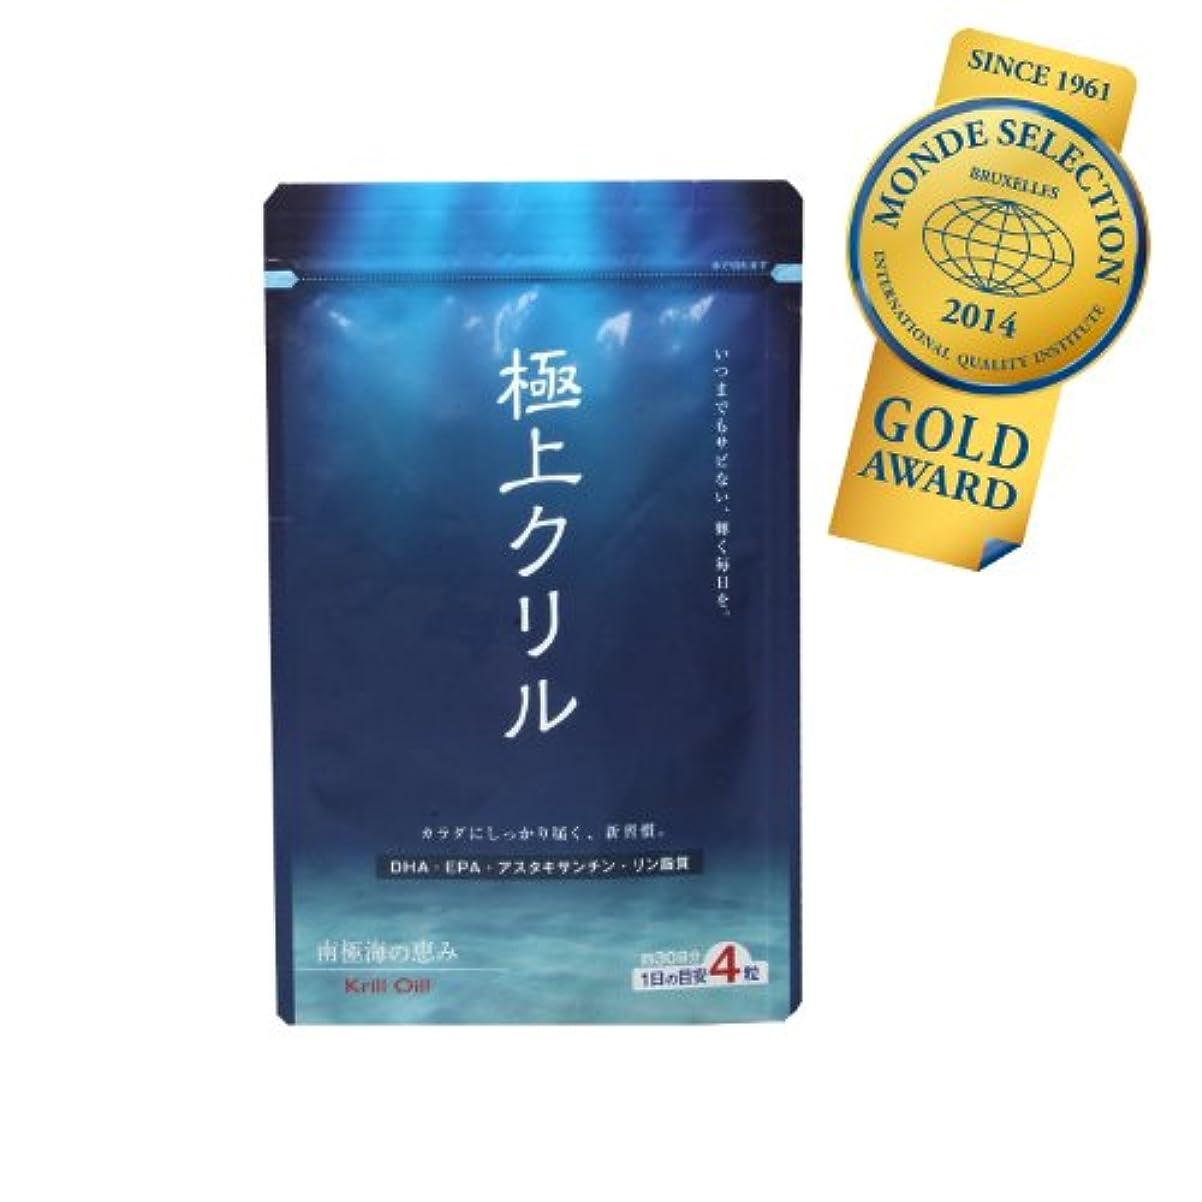 費用緩める器官極上クリル120粒 100%クリルオイル (約1ヶ月分) 日本製